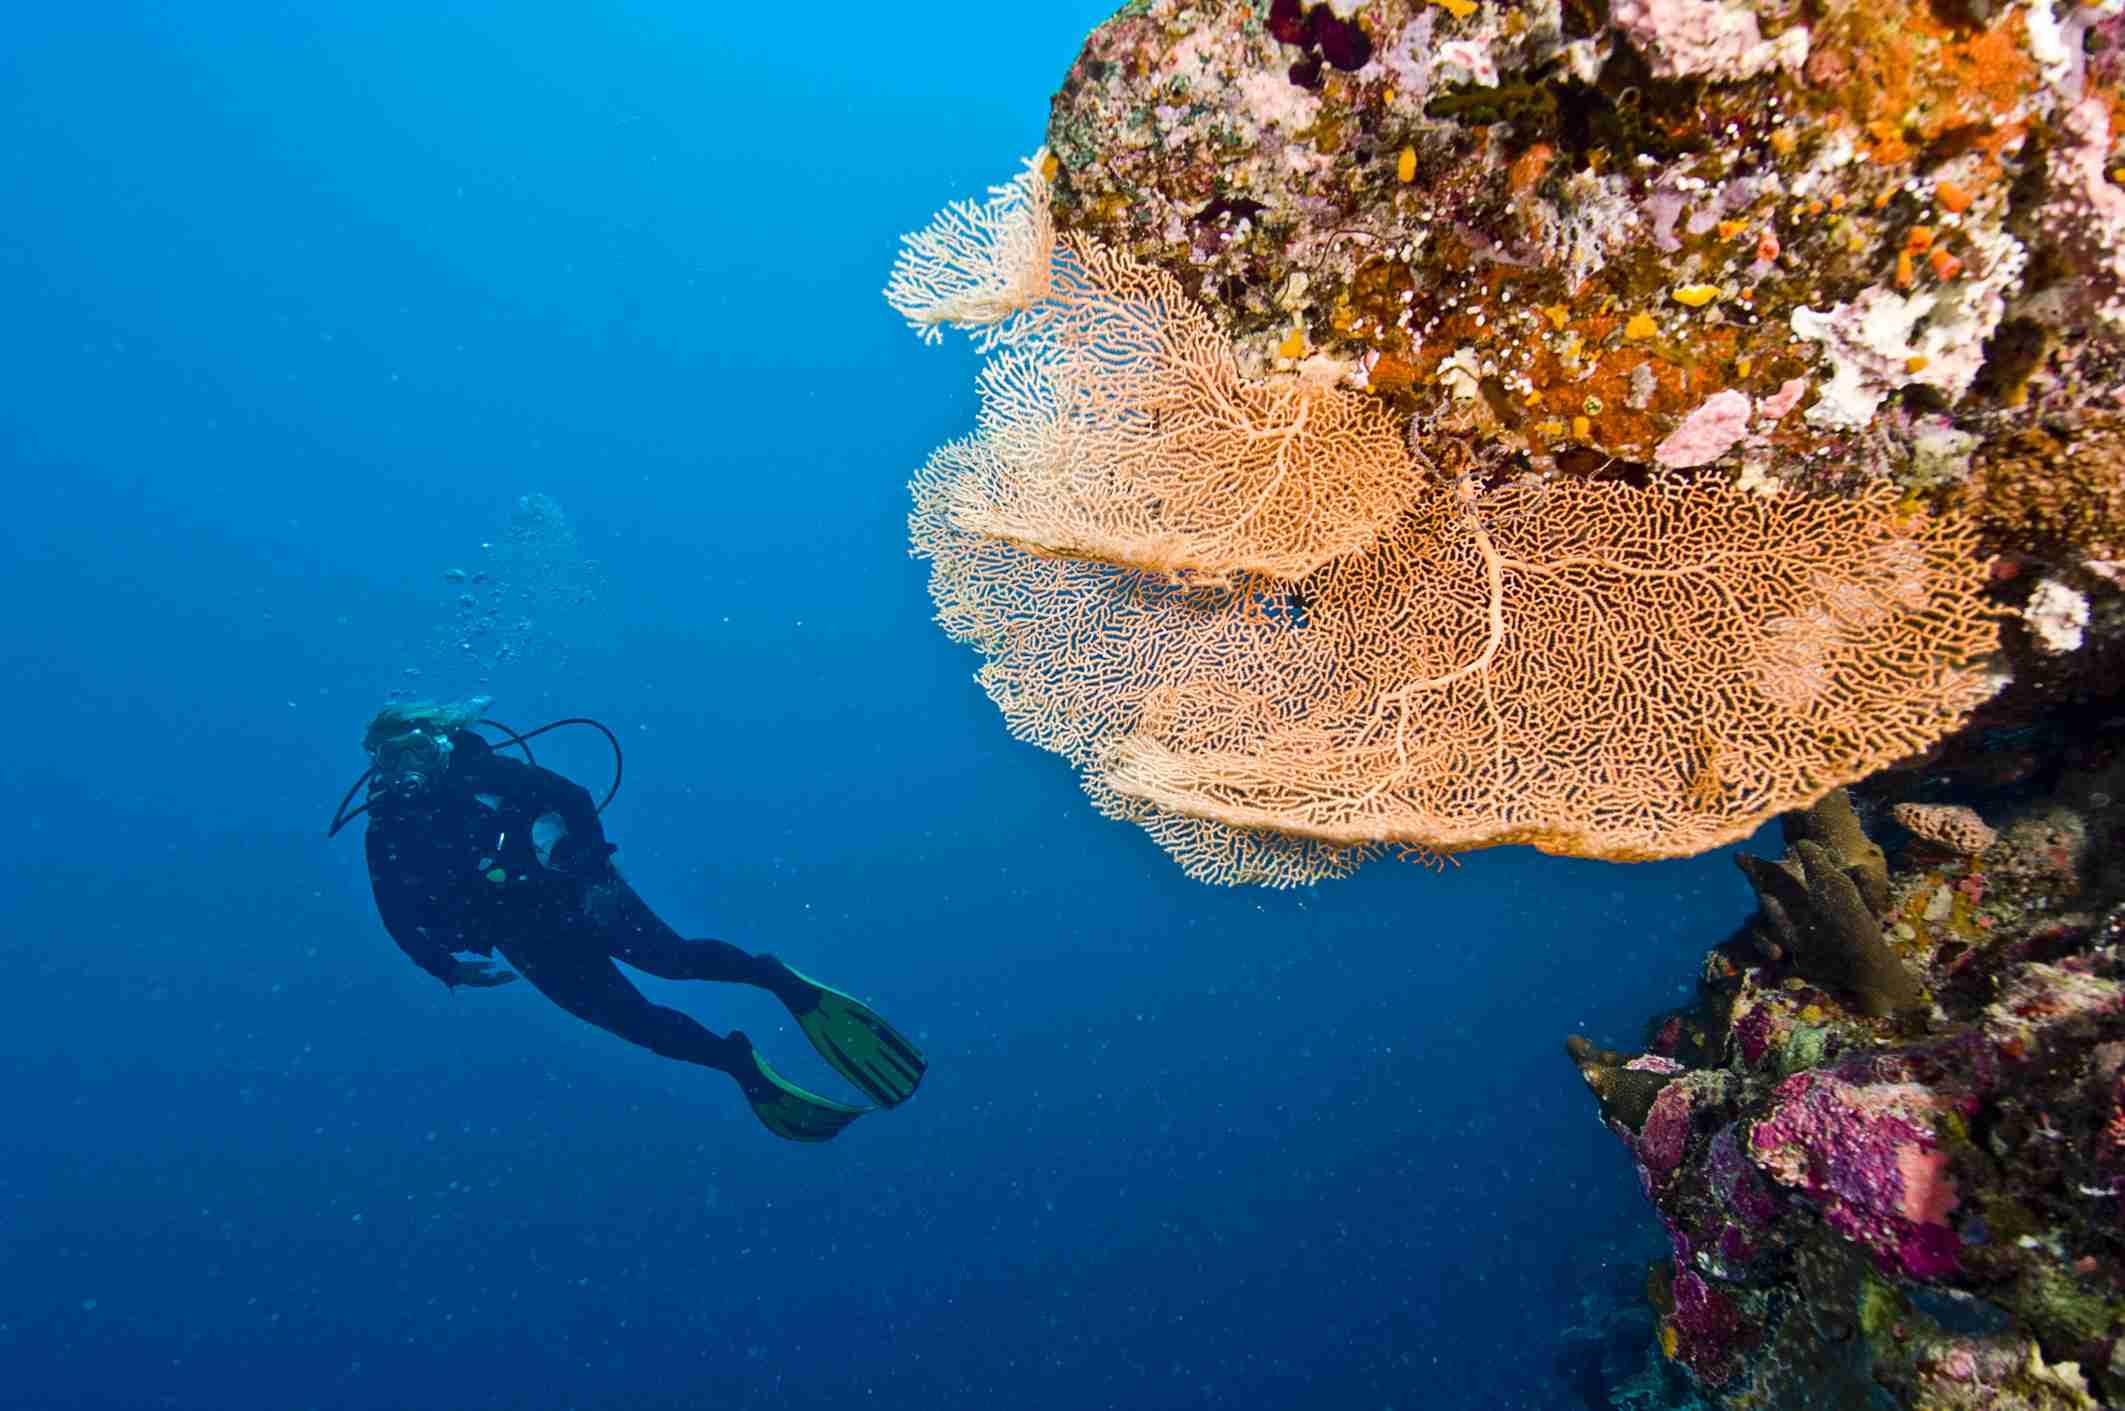 Scuba Diving Basics Skills And Techniques